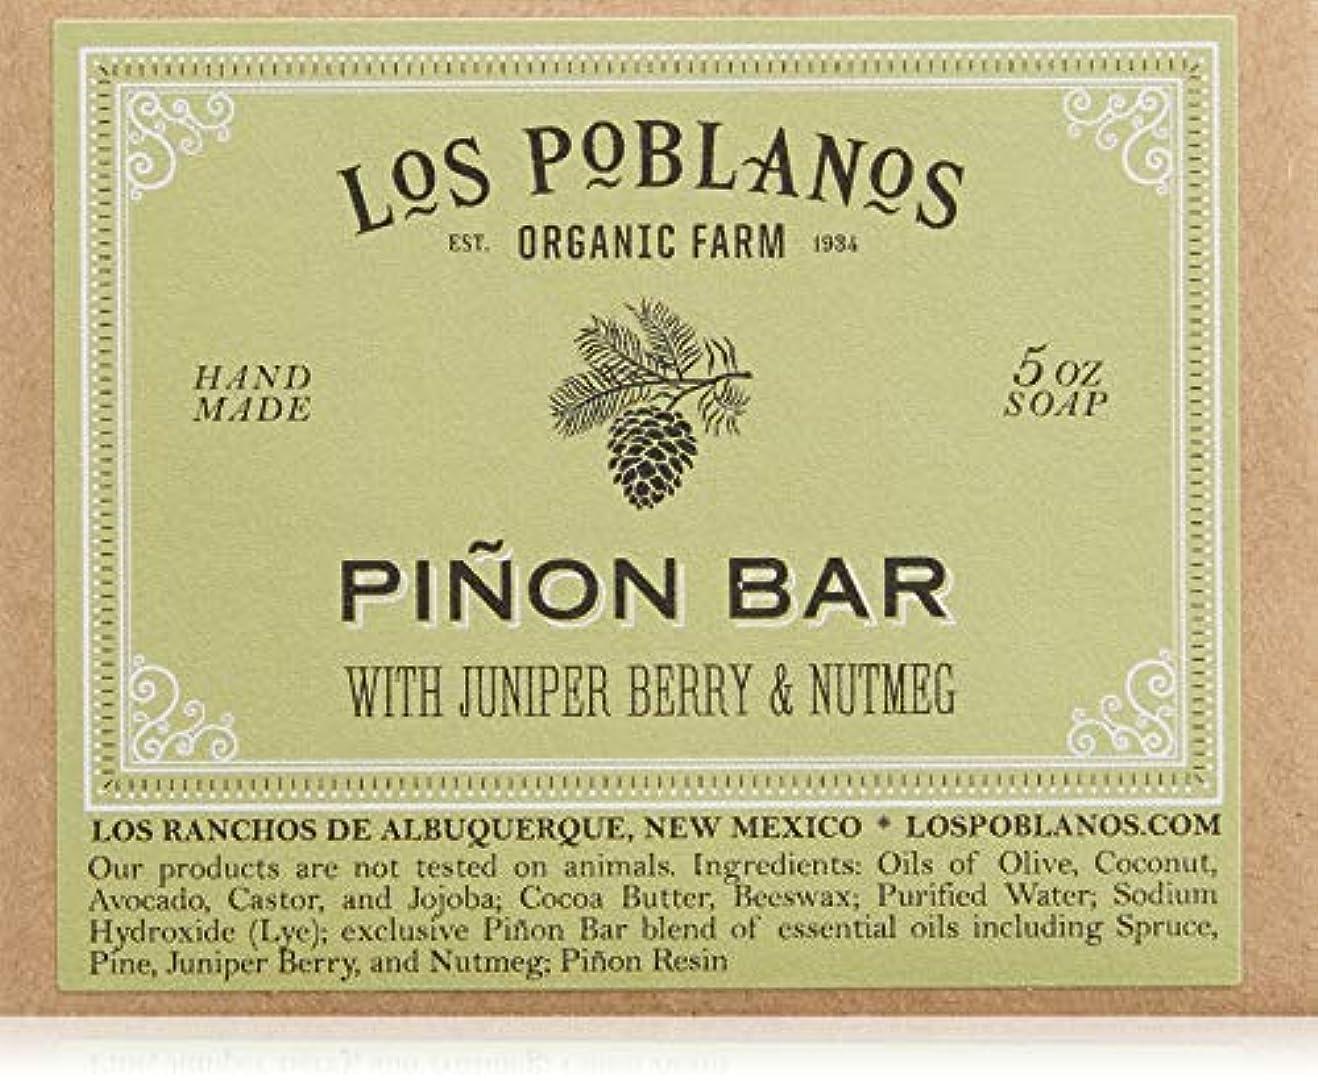 流産ナチュラル惑星LOS POBLANOS(ロス ポブラノス) ピニョン バー 130g